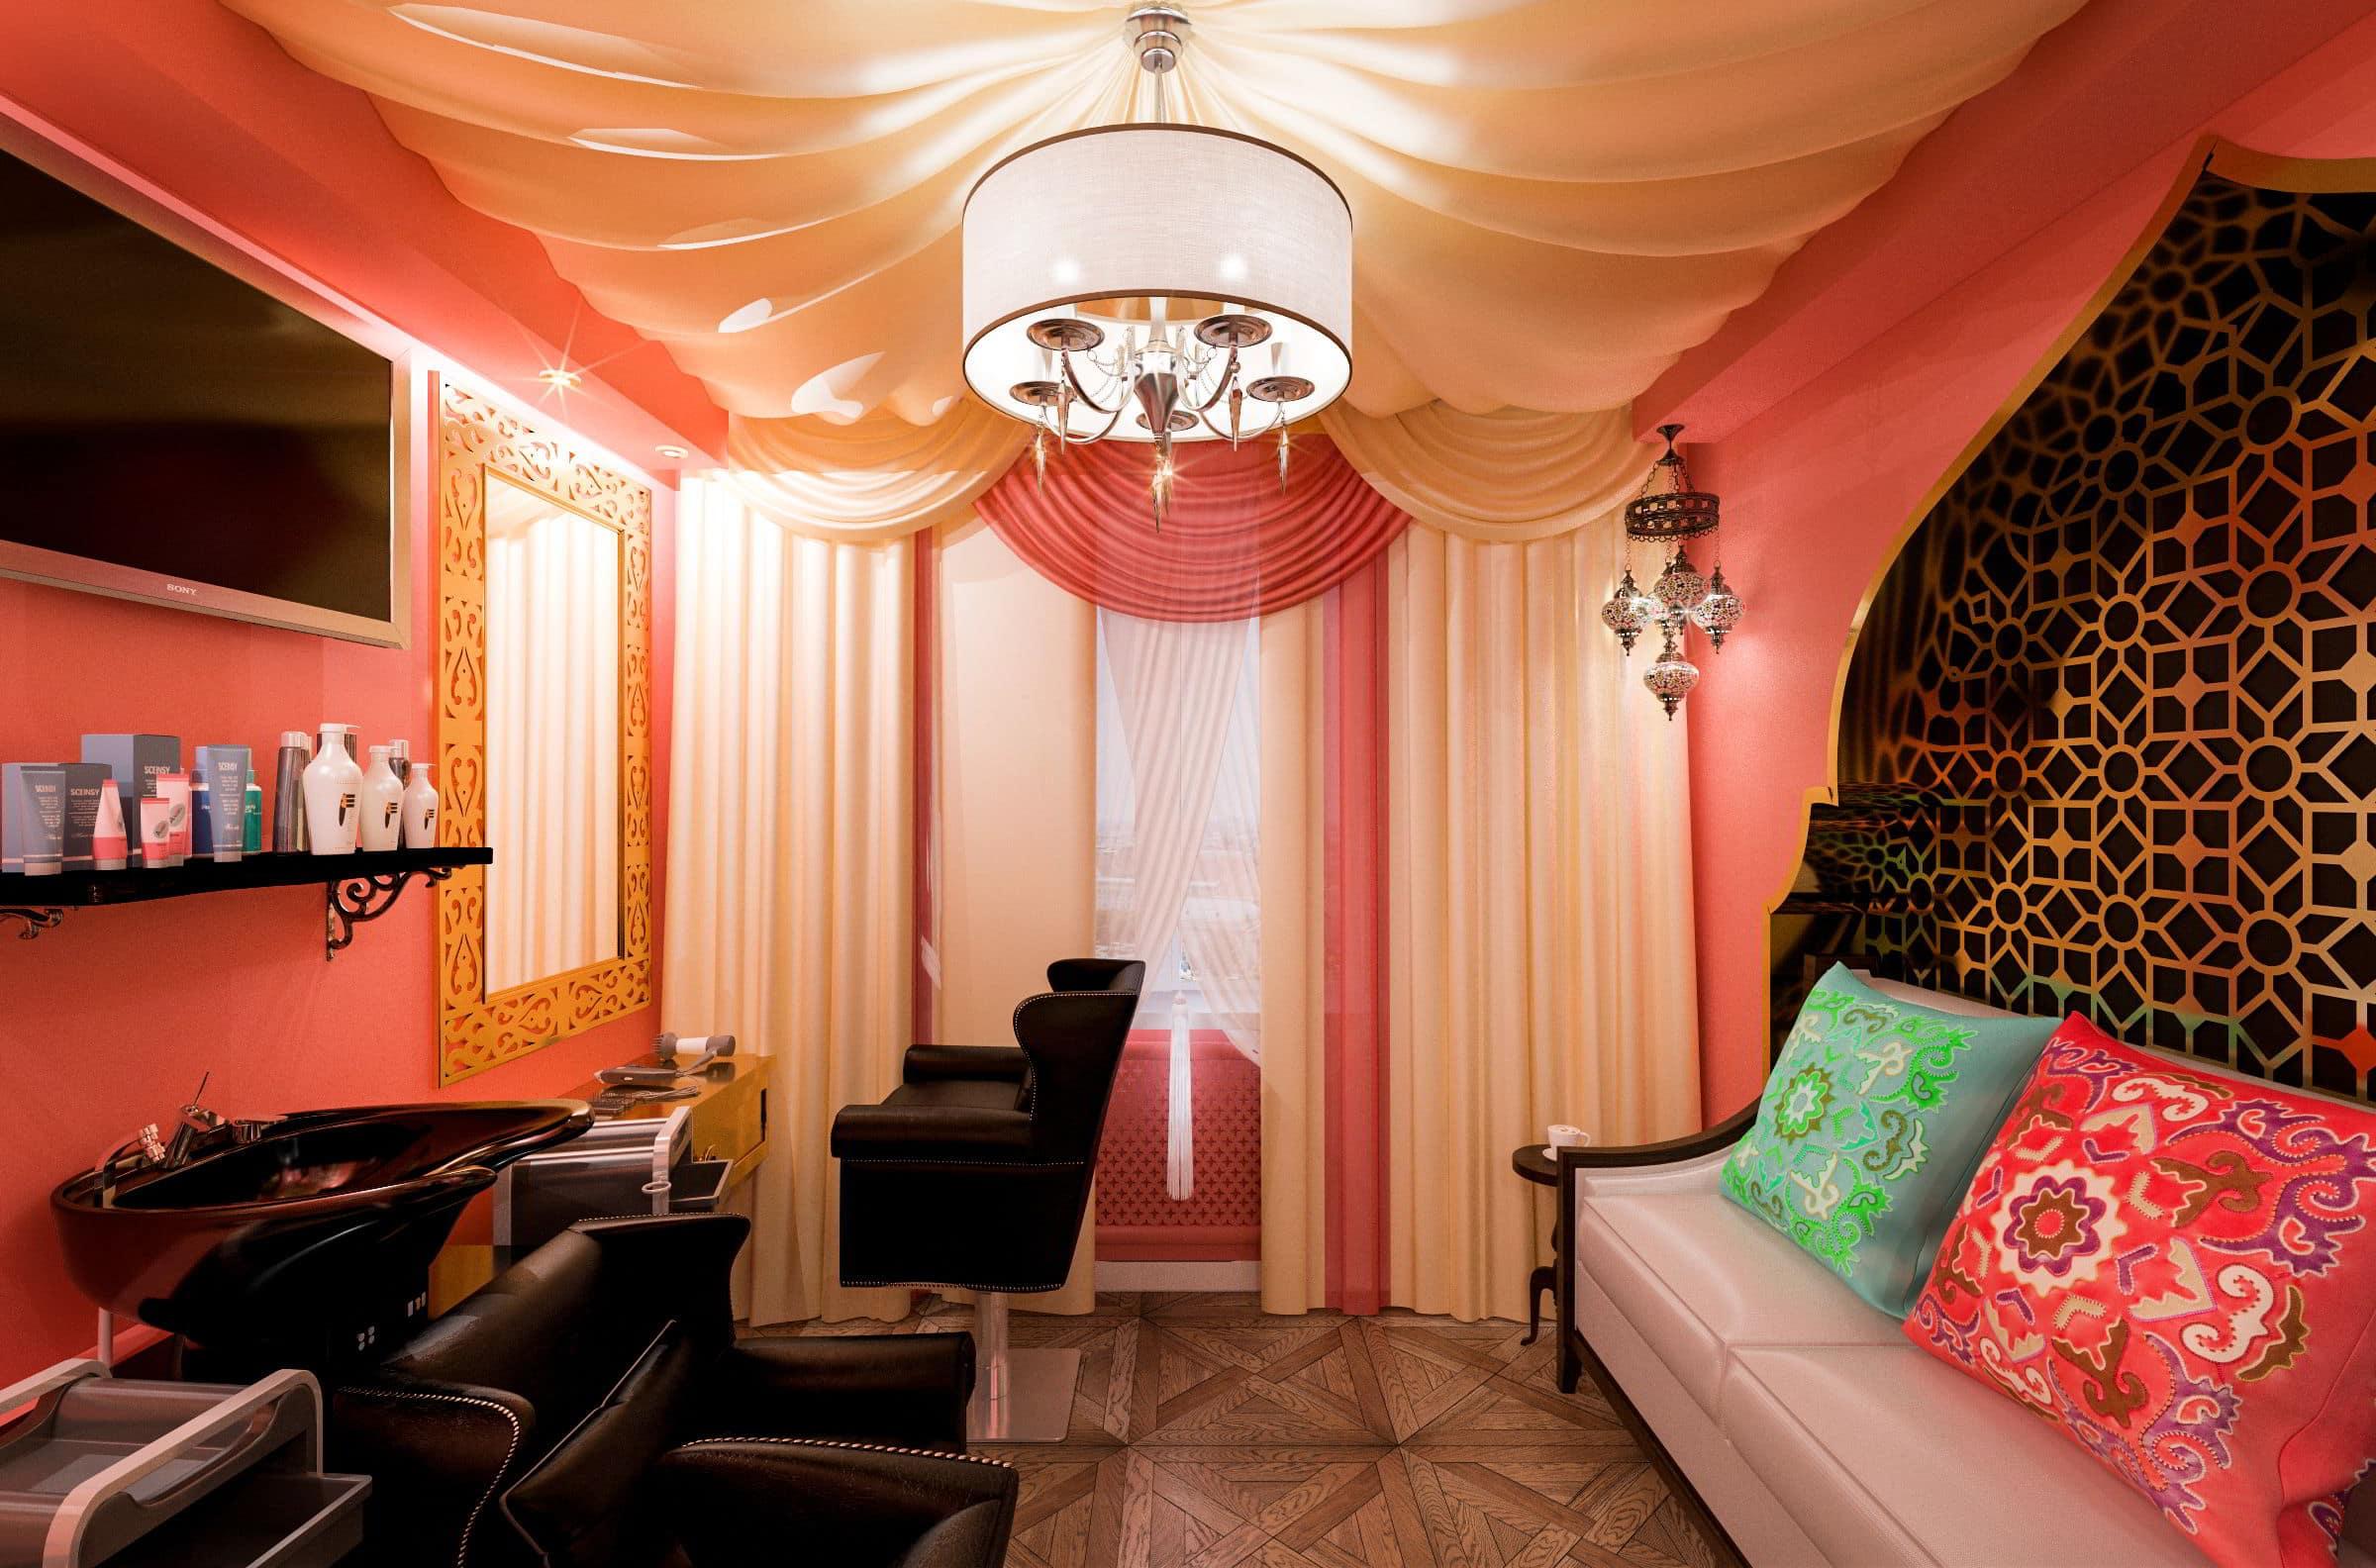 дизайн интерьера парикмахерской в турецком стиле фото, зеркала, мойка, кресла, паркет, потолок из ткани 5